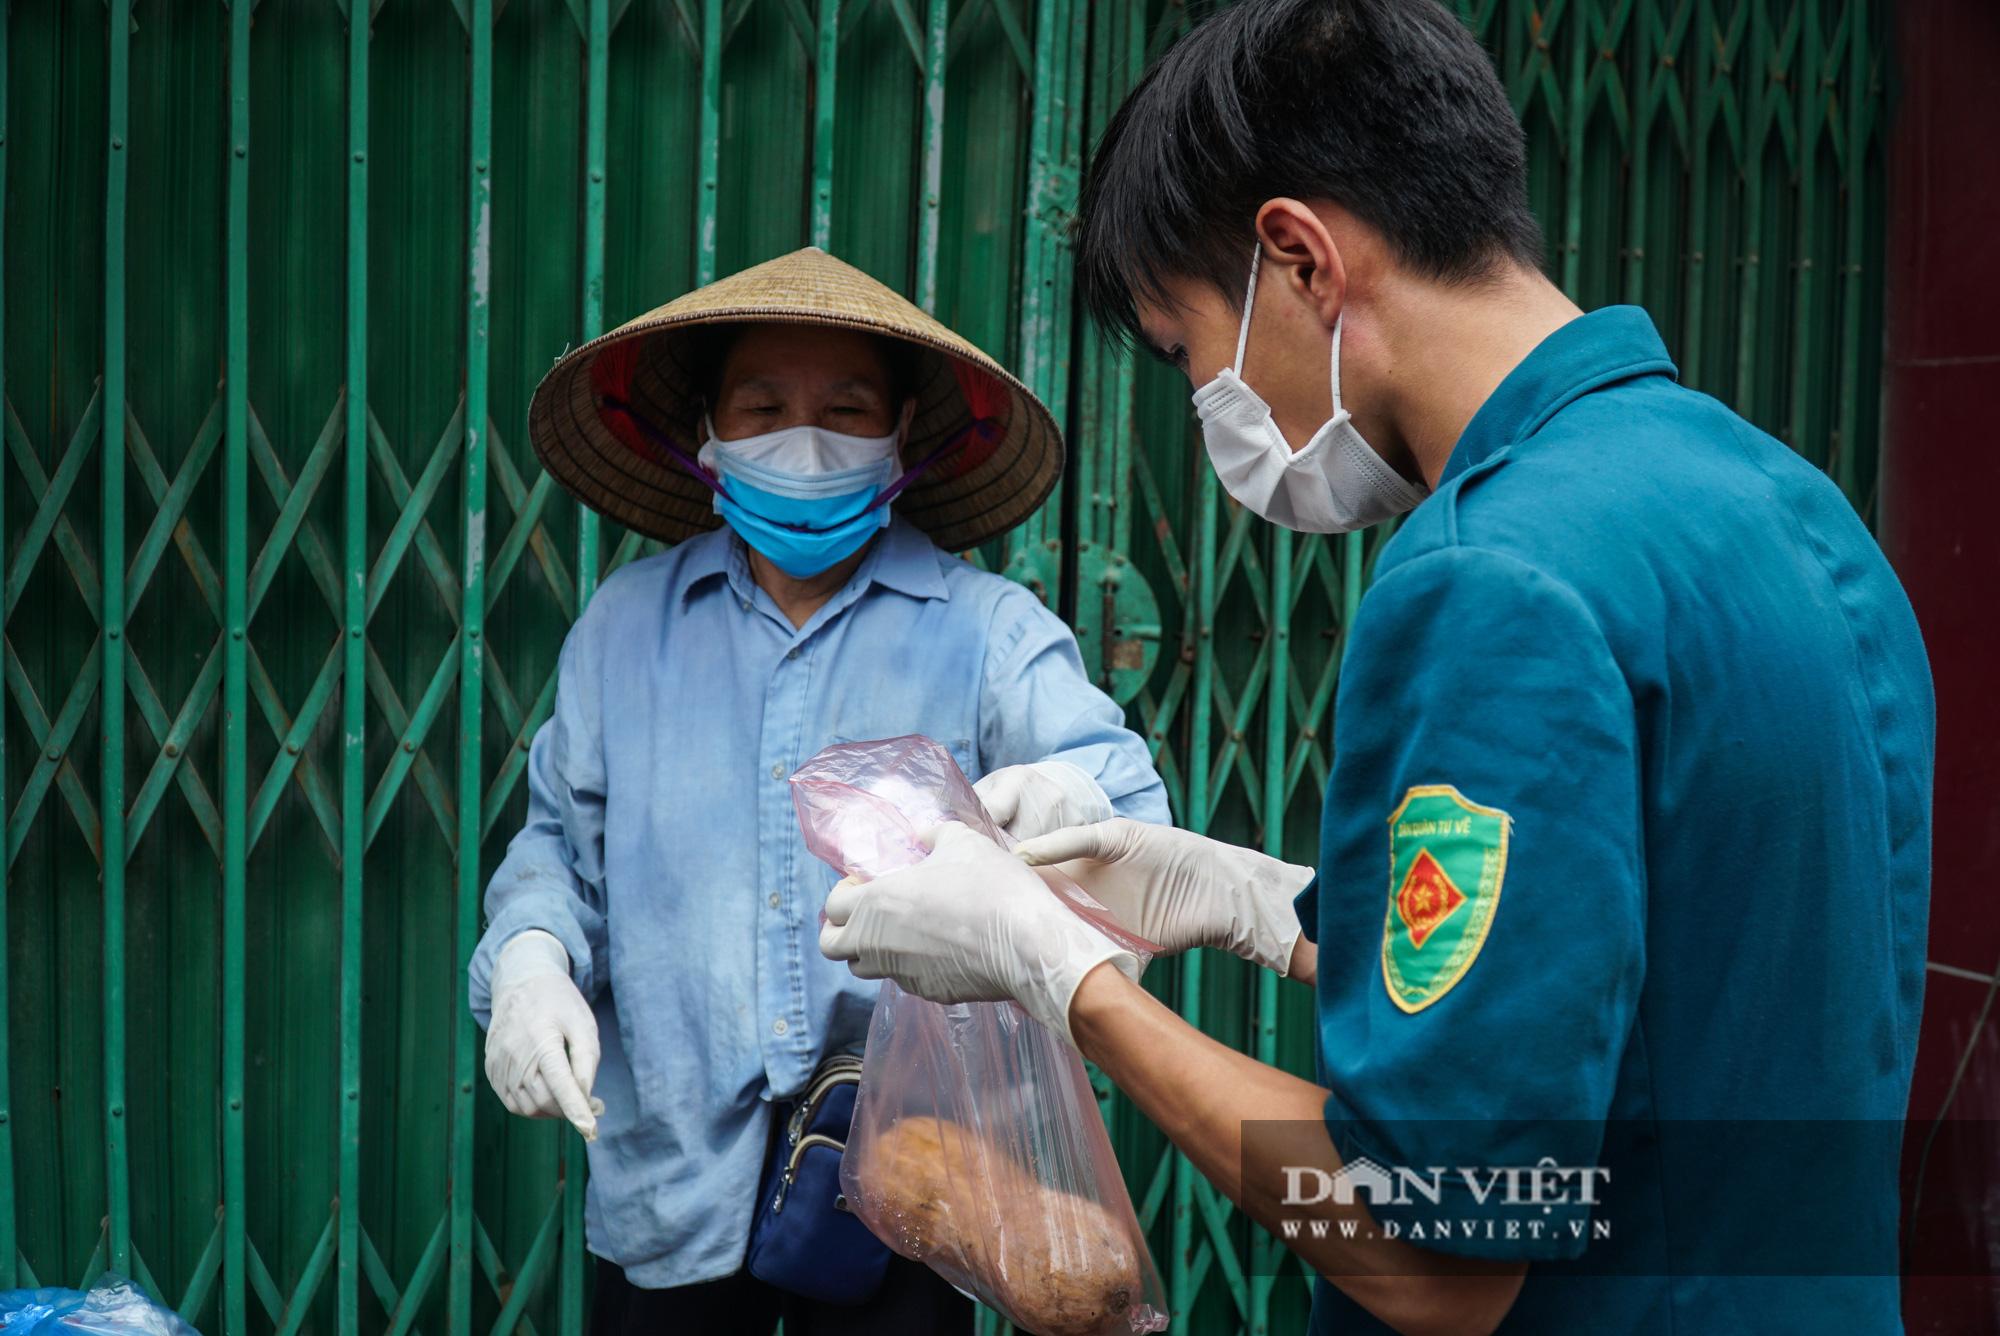 Mang gạo, mỳ tôm, thịt gà tiếp tế cho người dân trong khu phố Kiều Mai bị phong toả - Ảnh 5.